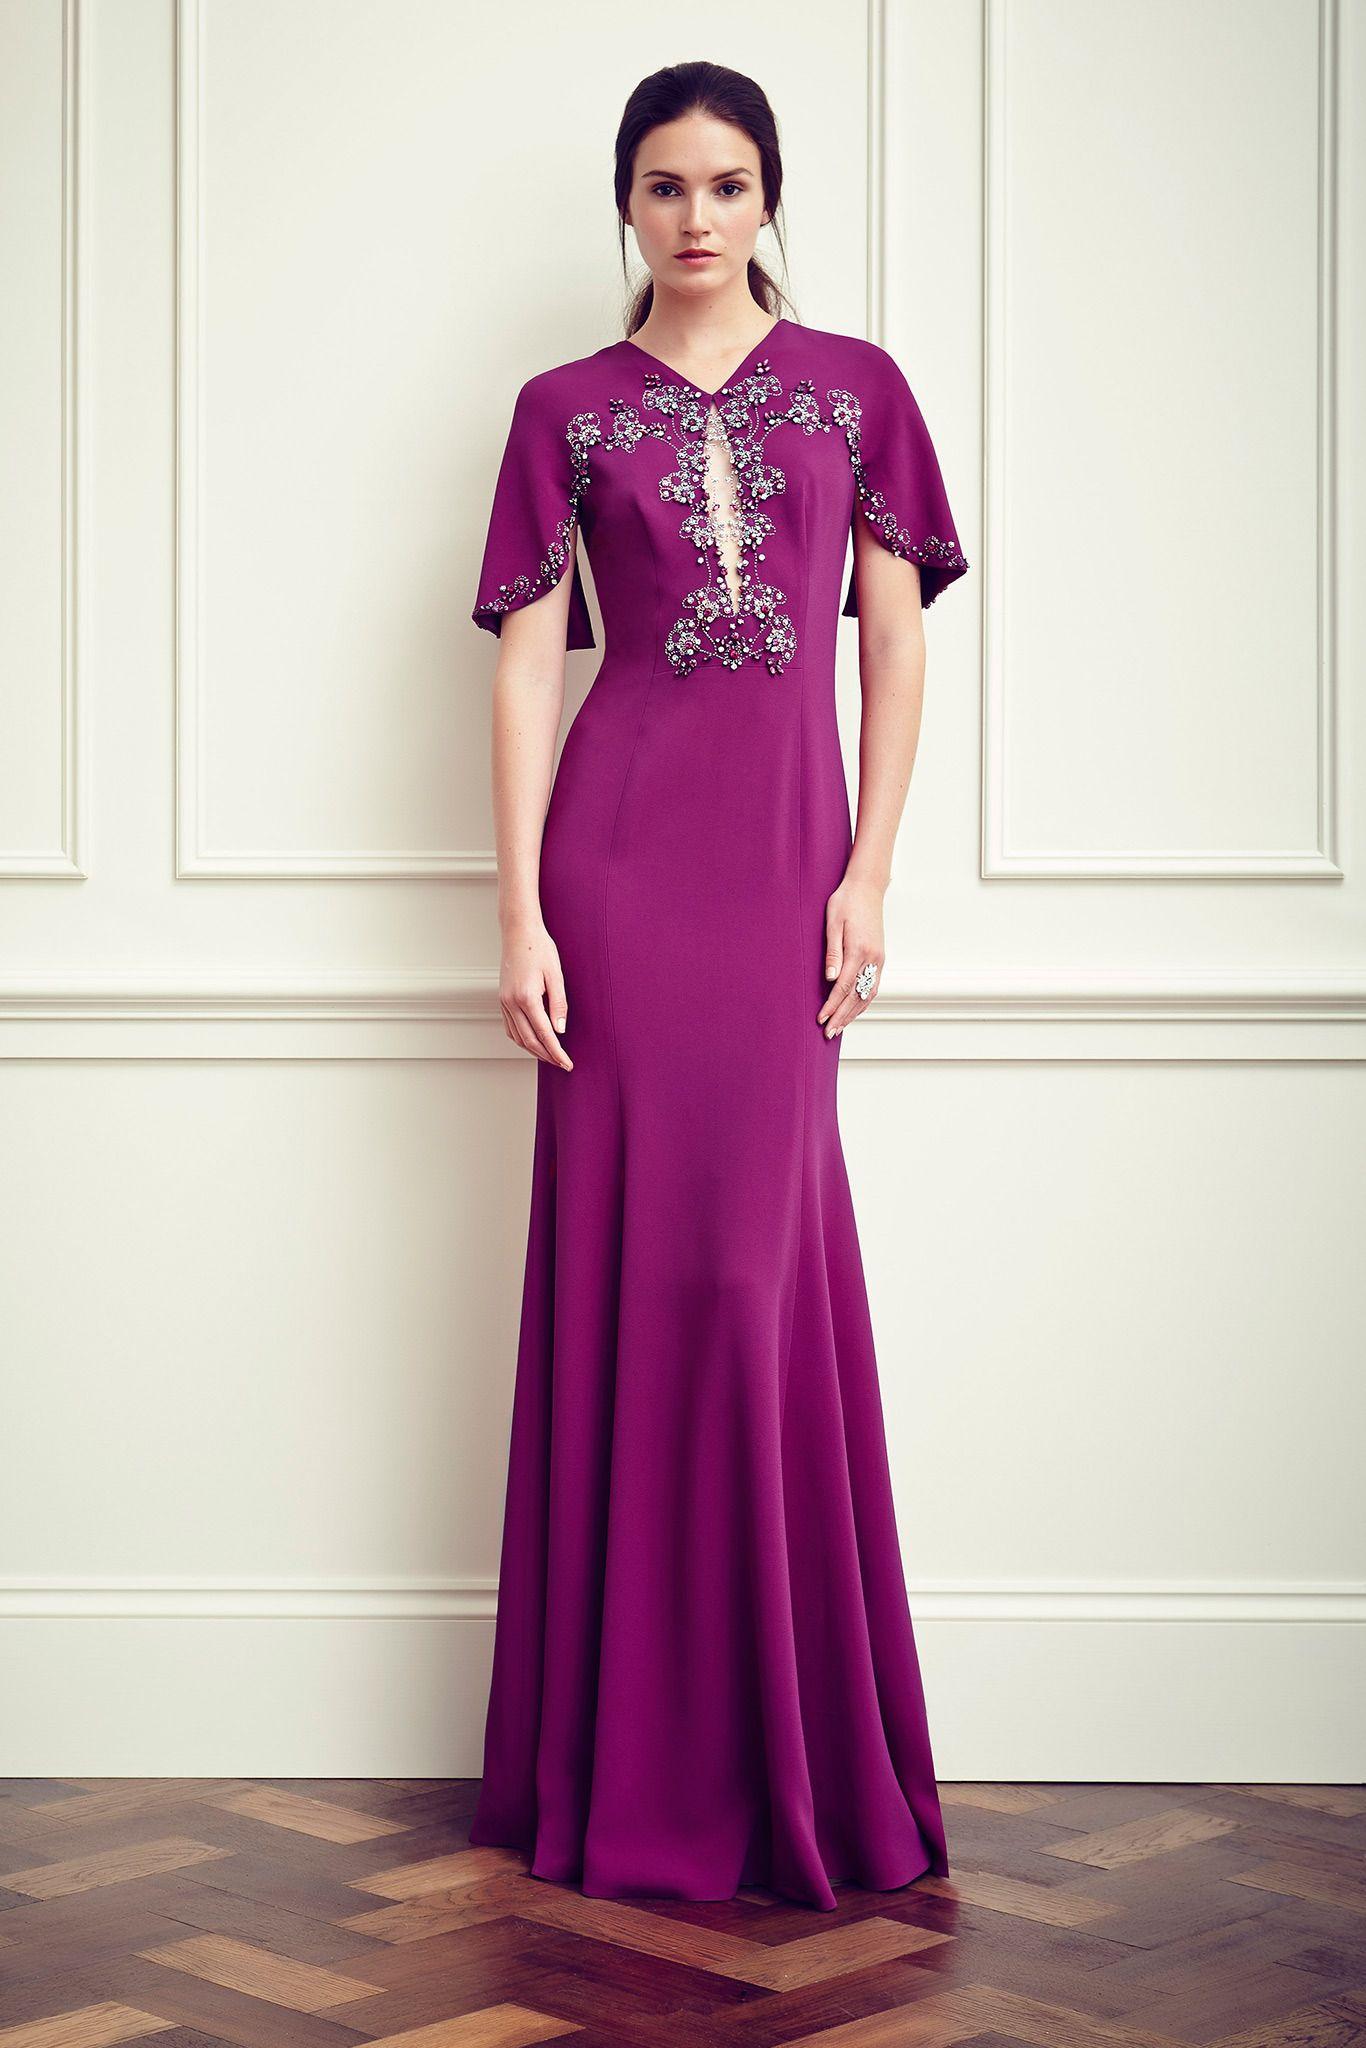 Bonito Vestido De Fiesta Temática árabe Composición - Vestido de ...